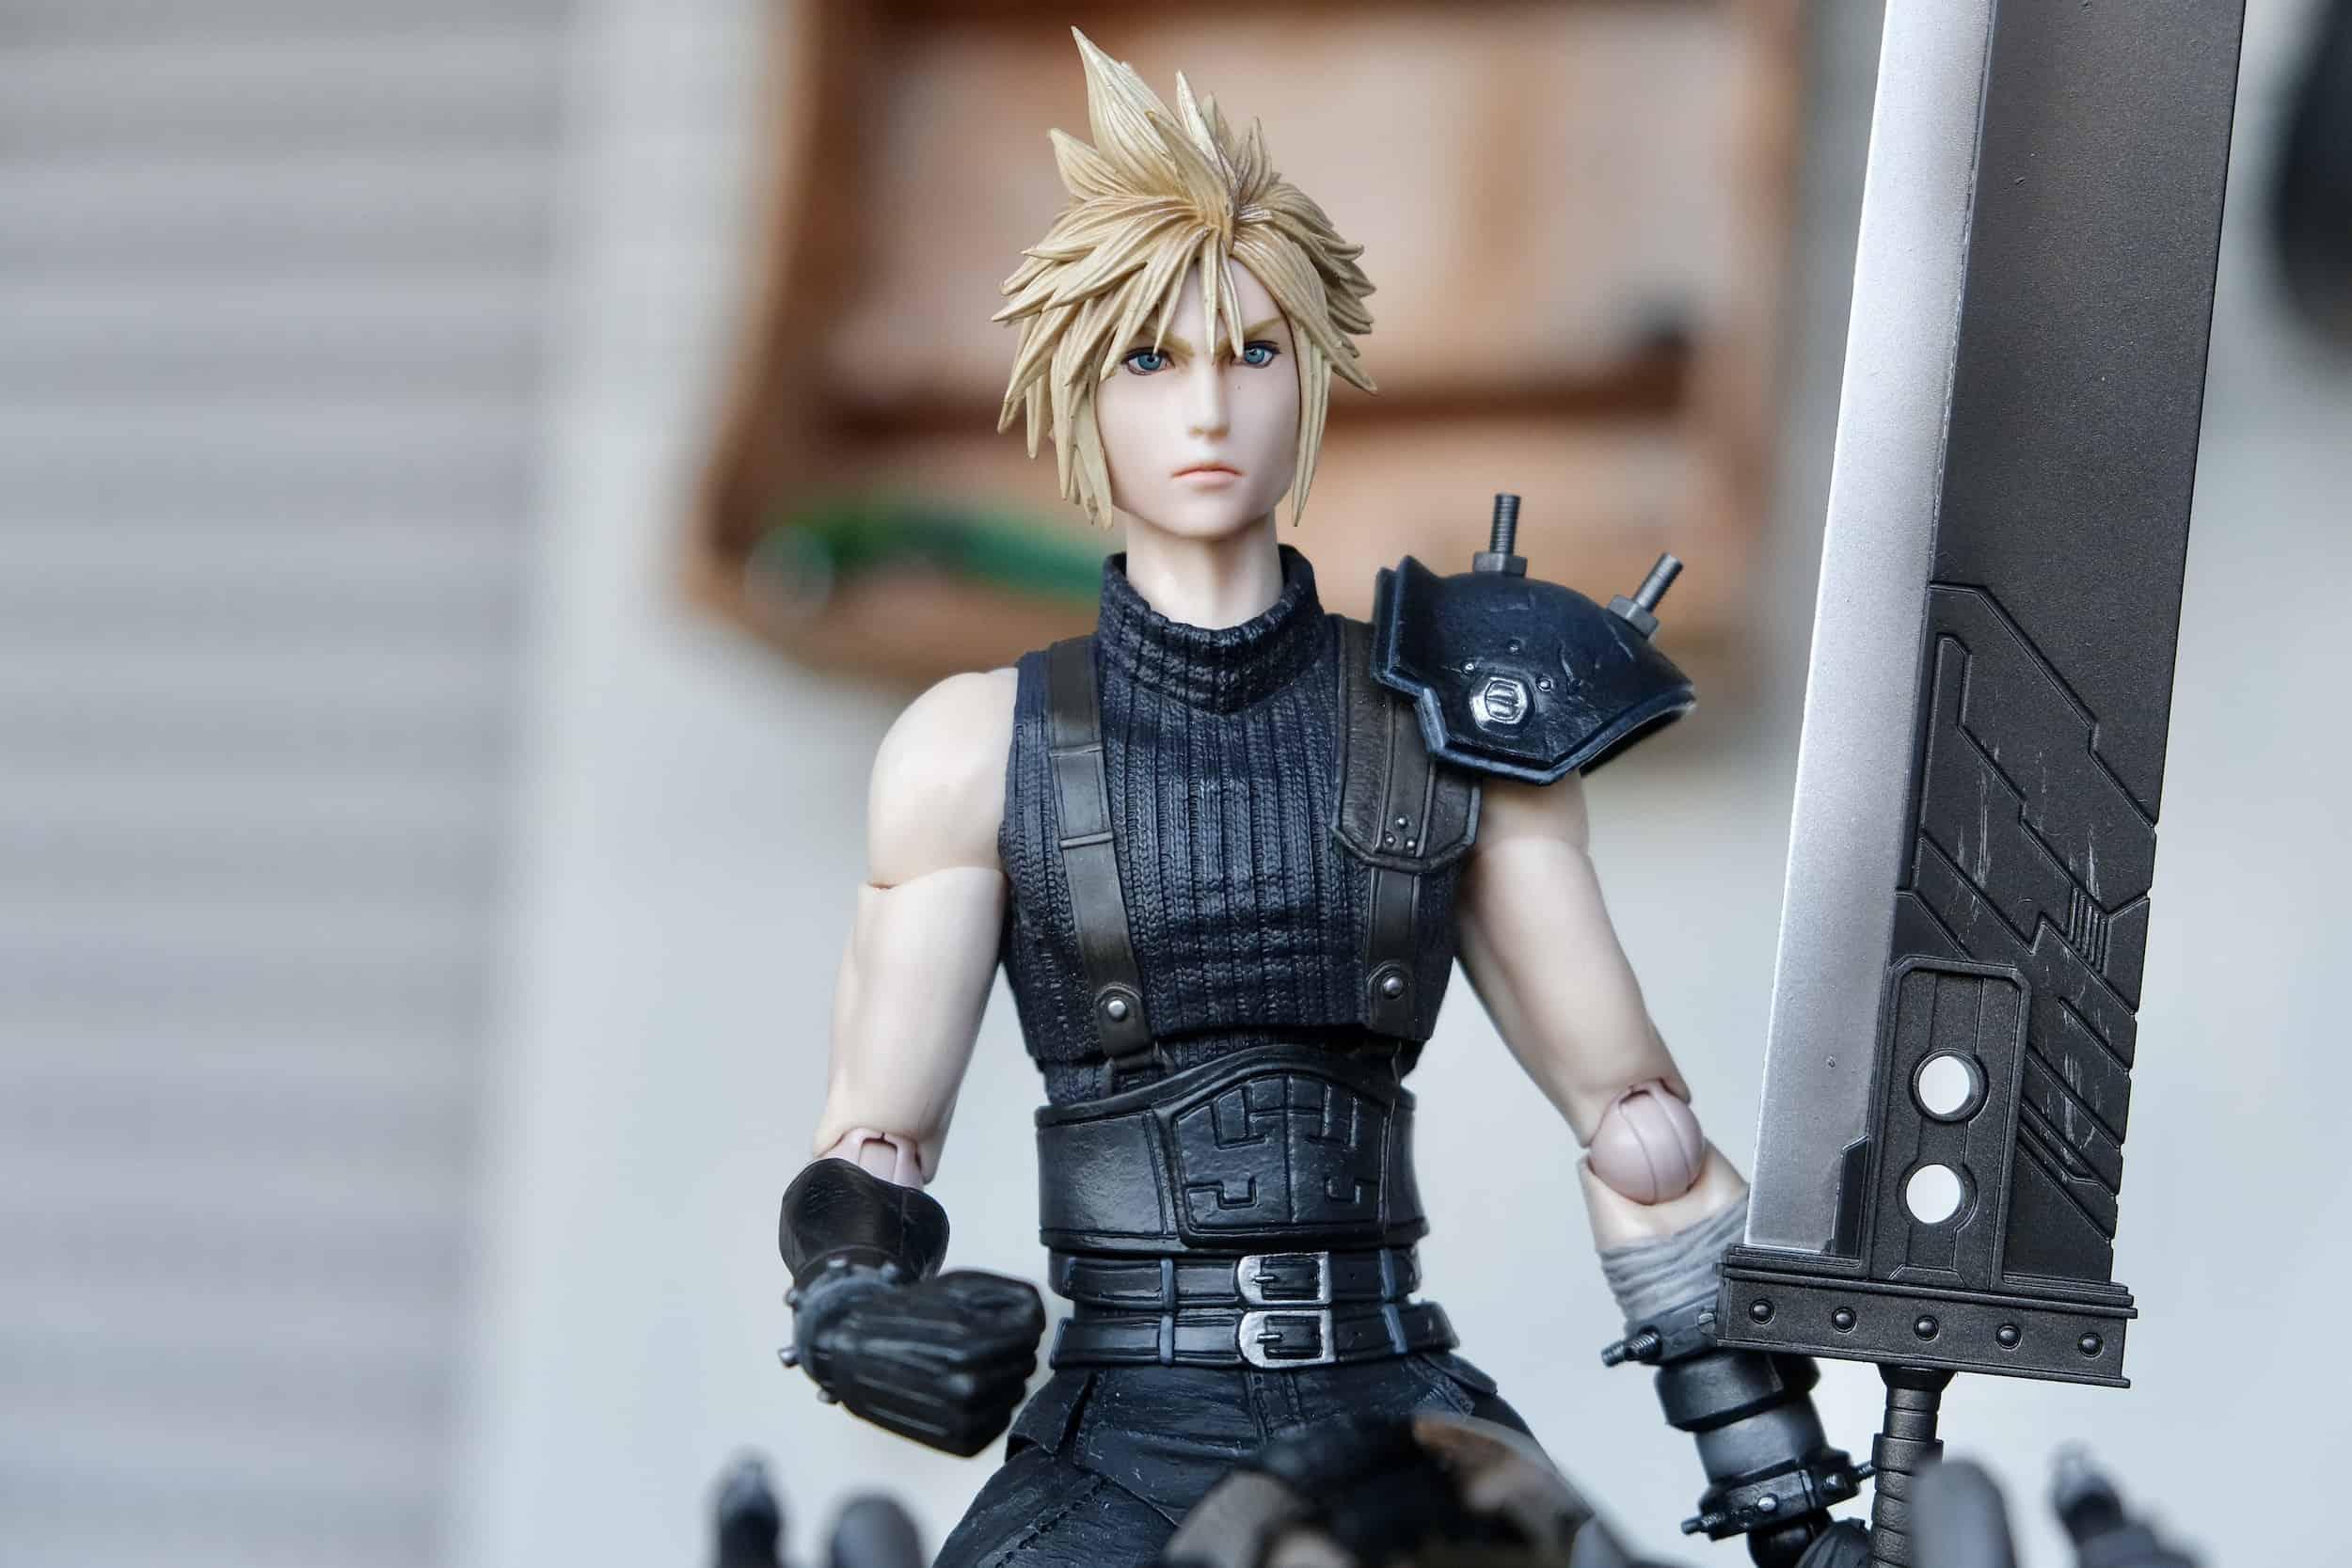 Cloud Strife Action Figure, Final Fantasy VII Remake